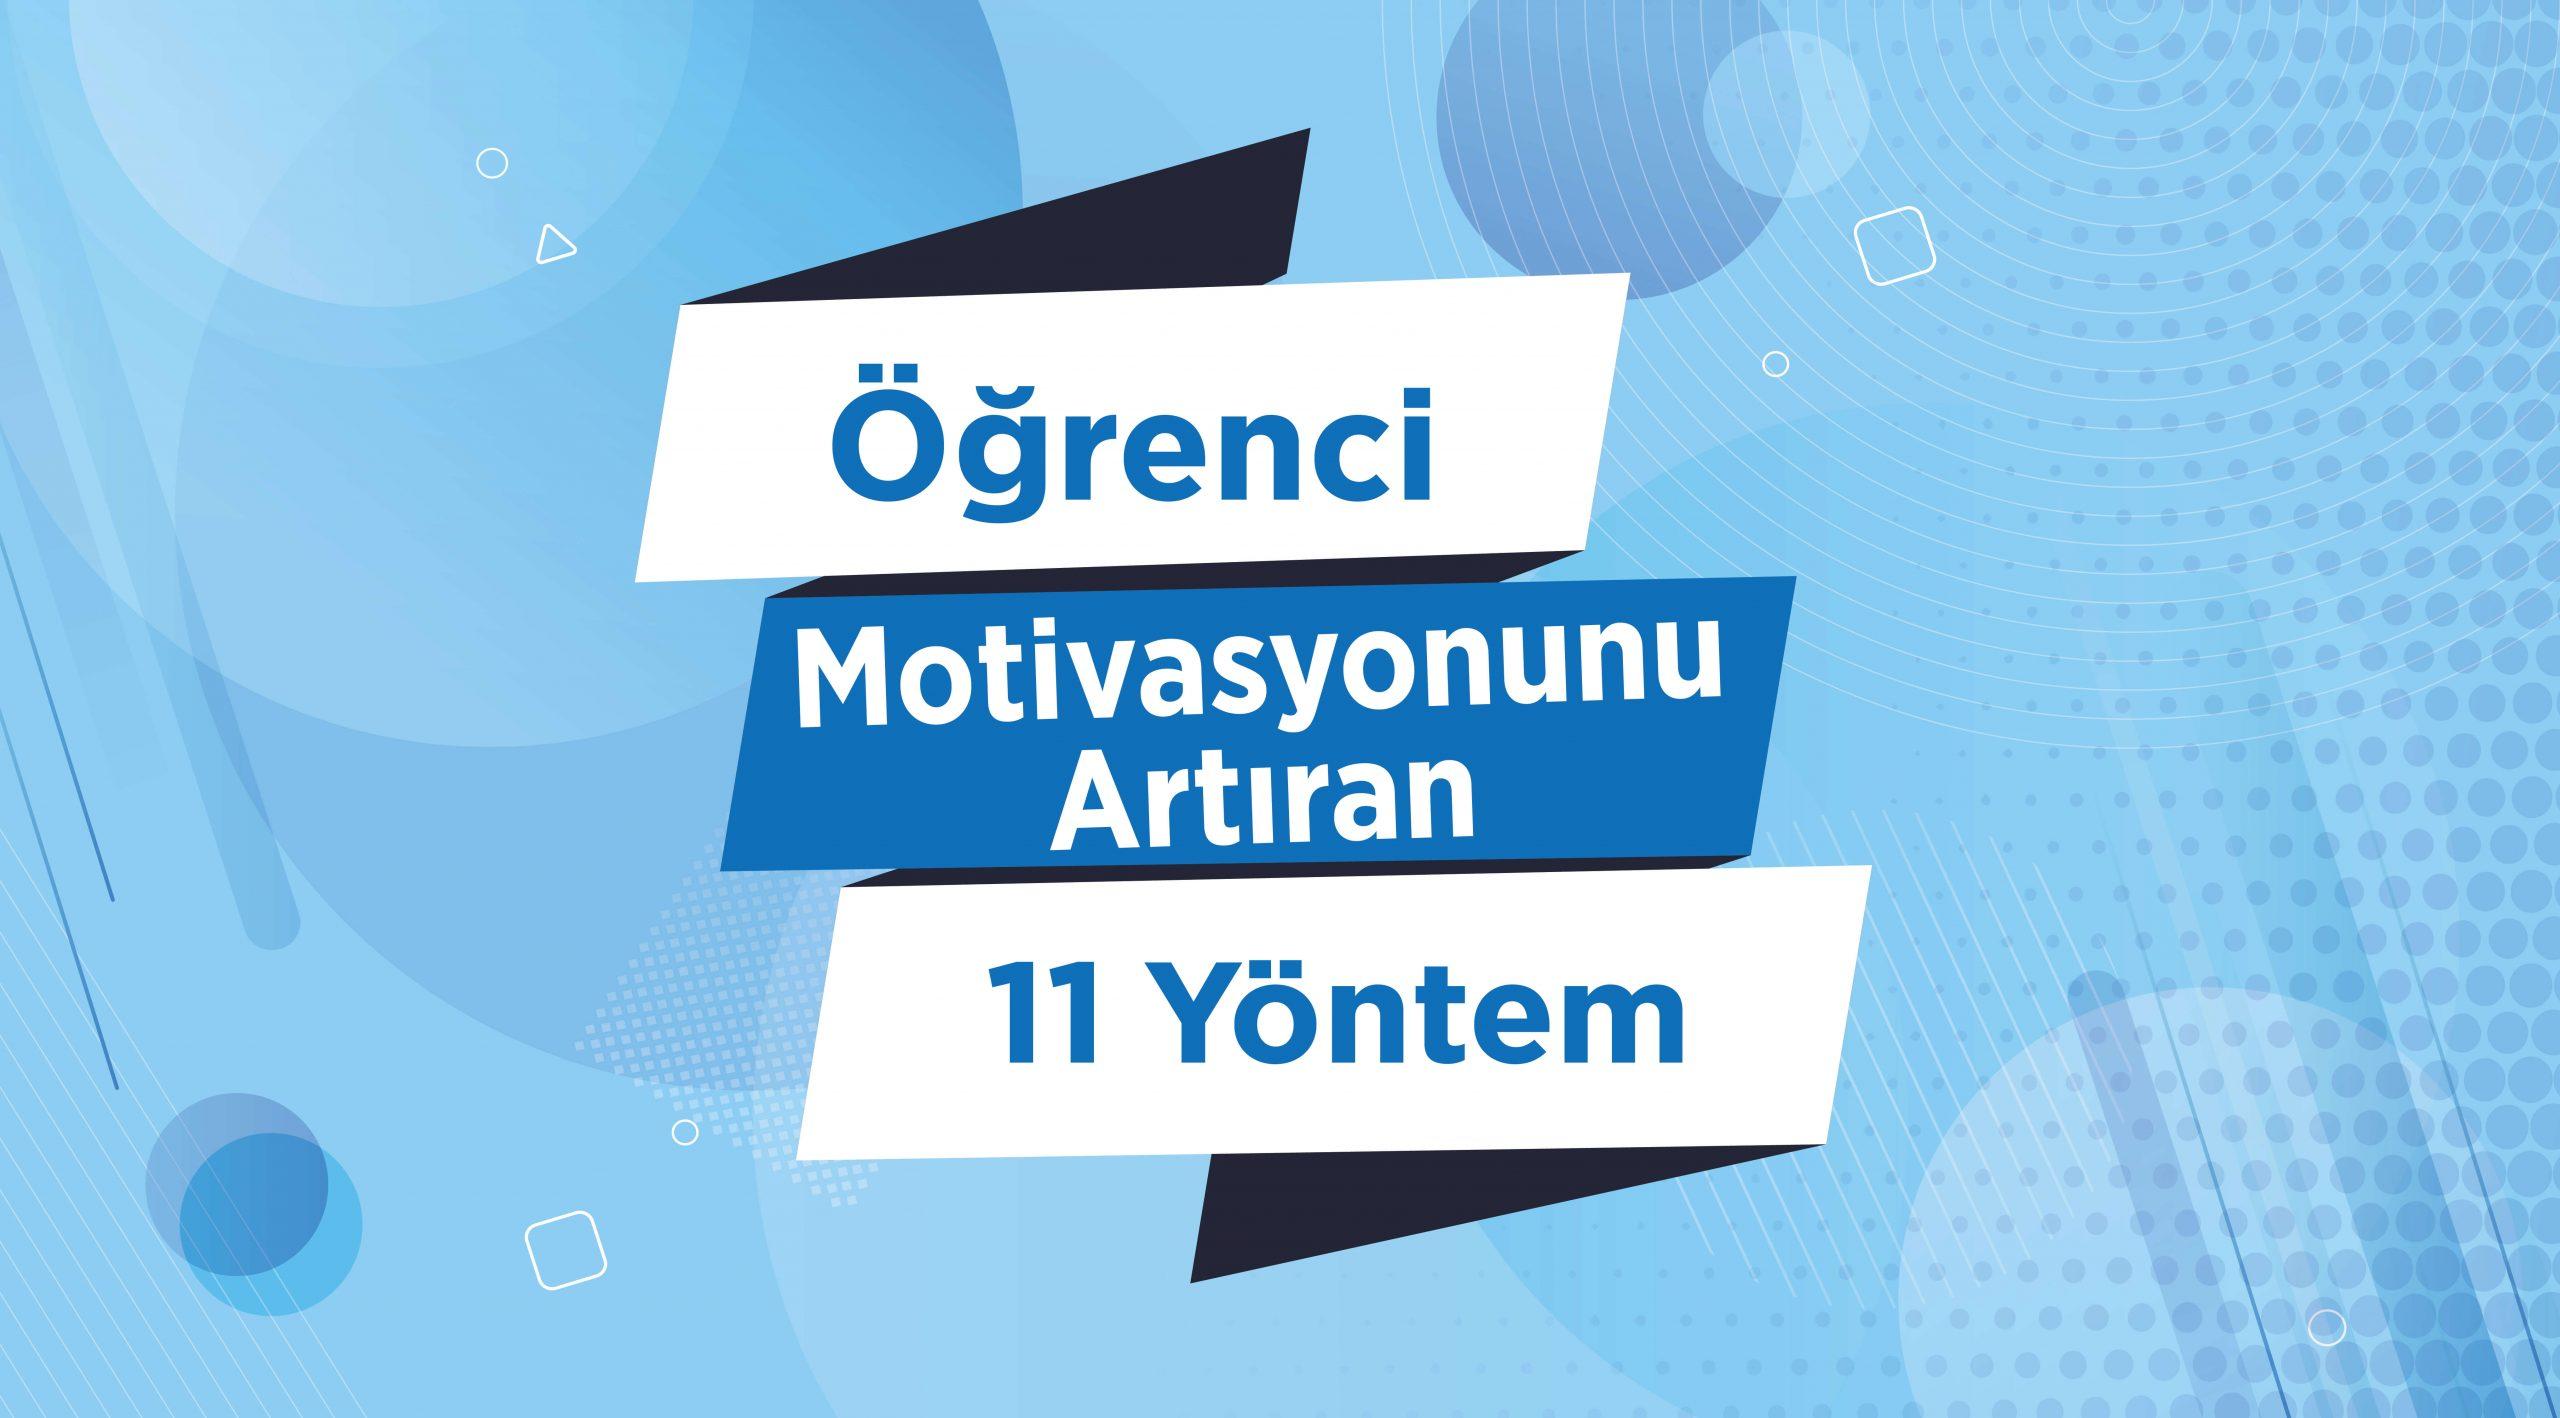 Öğrenci Motivasyonunu Artıran 11 Yöntem